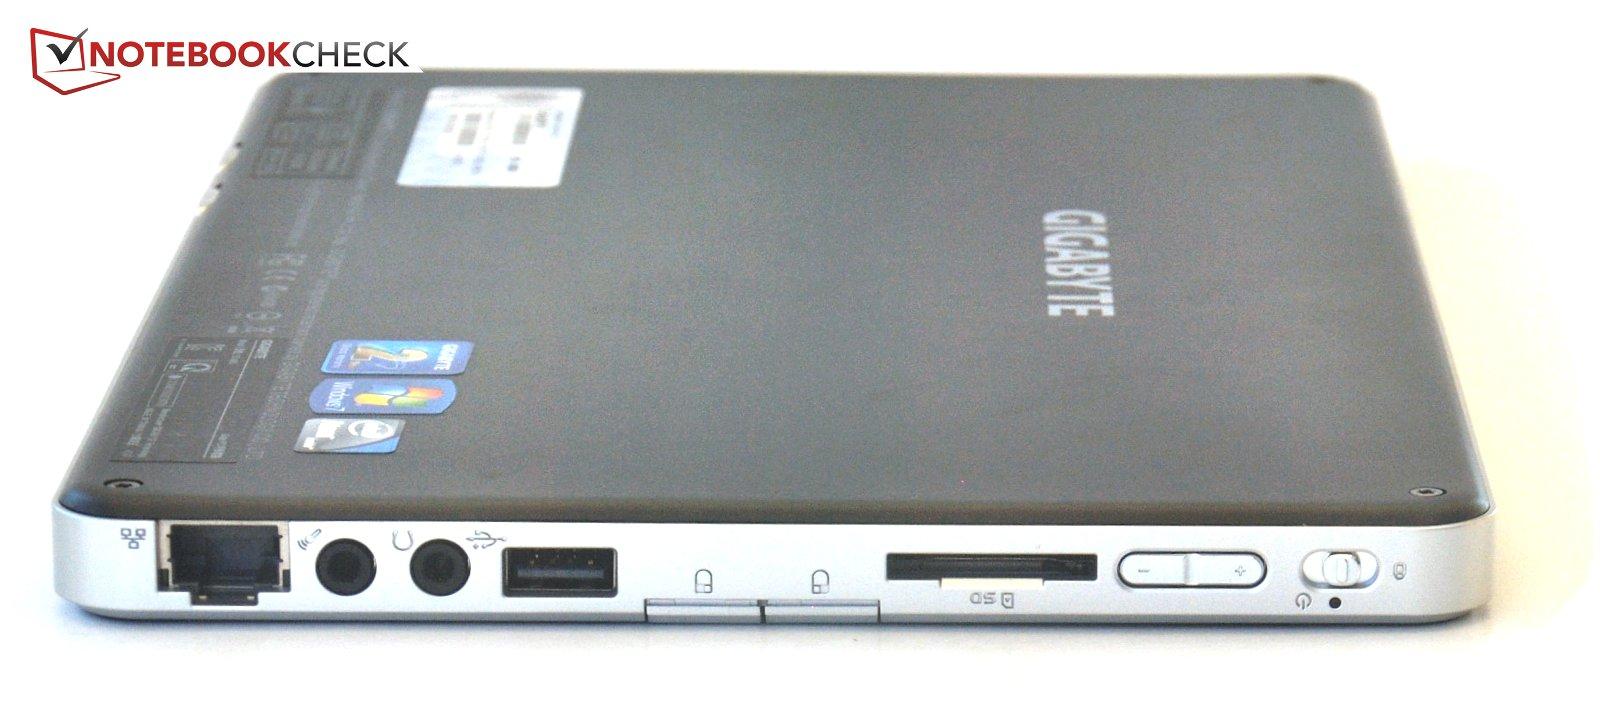 test gigabyte s1080 tablet mid tests. Black Bedroom Furniture Sets. Home Design Ideas